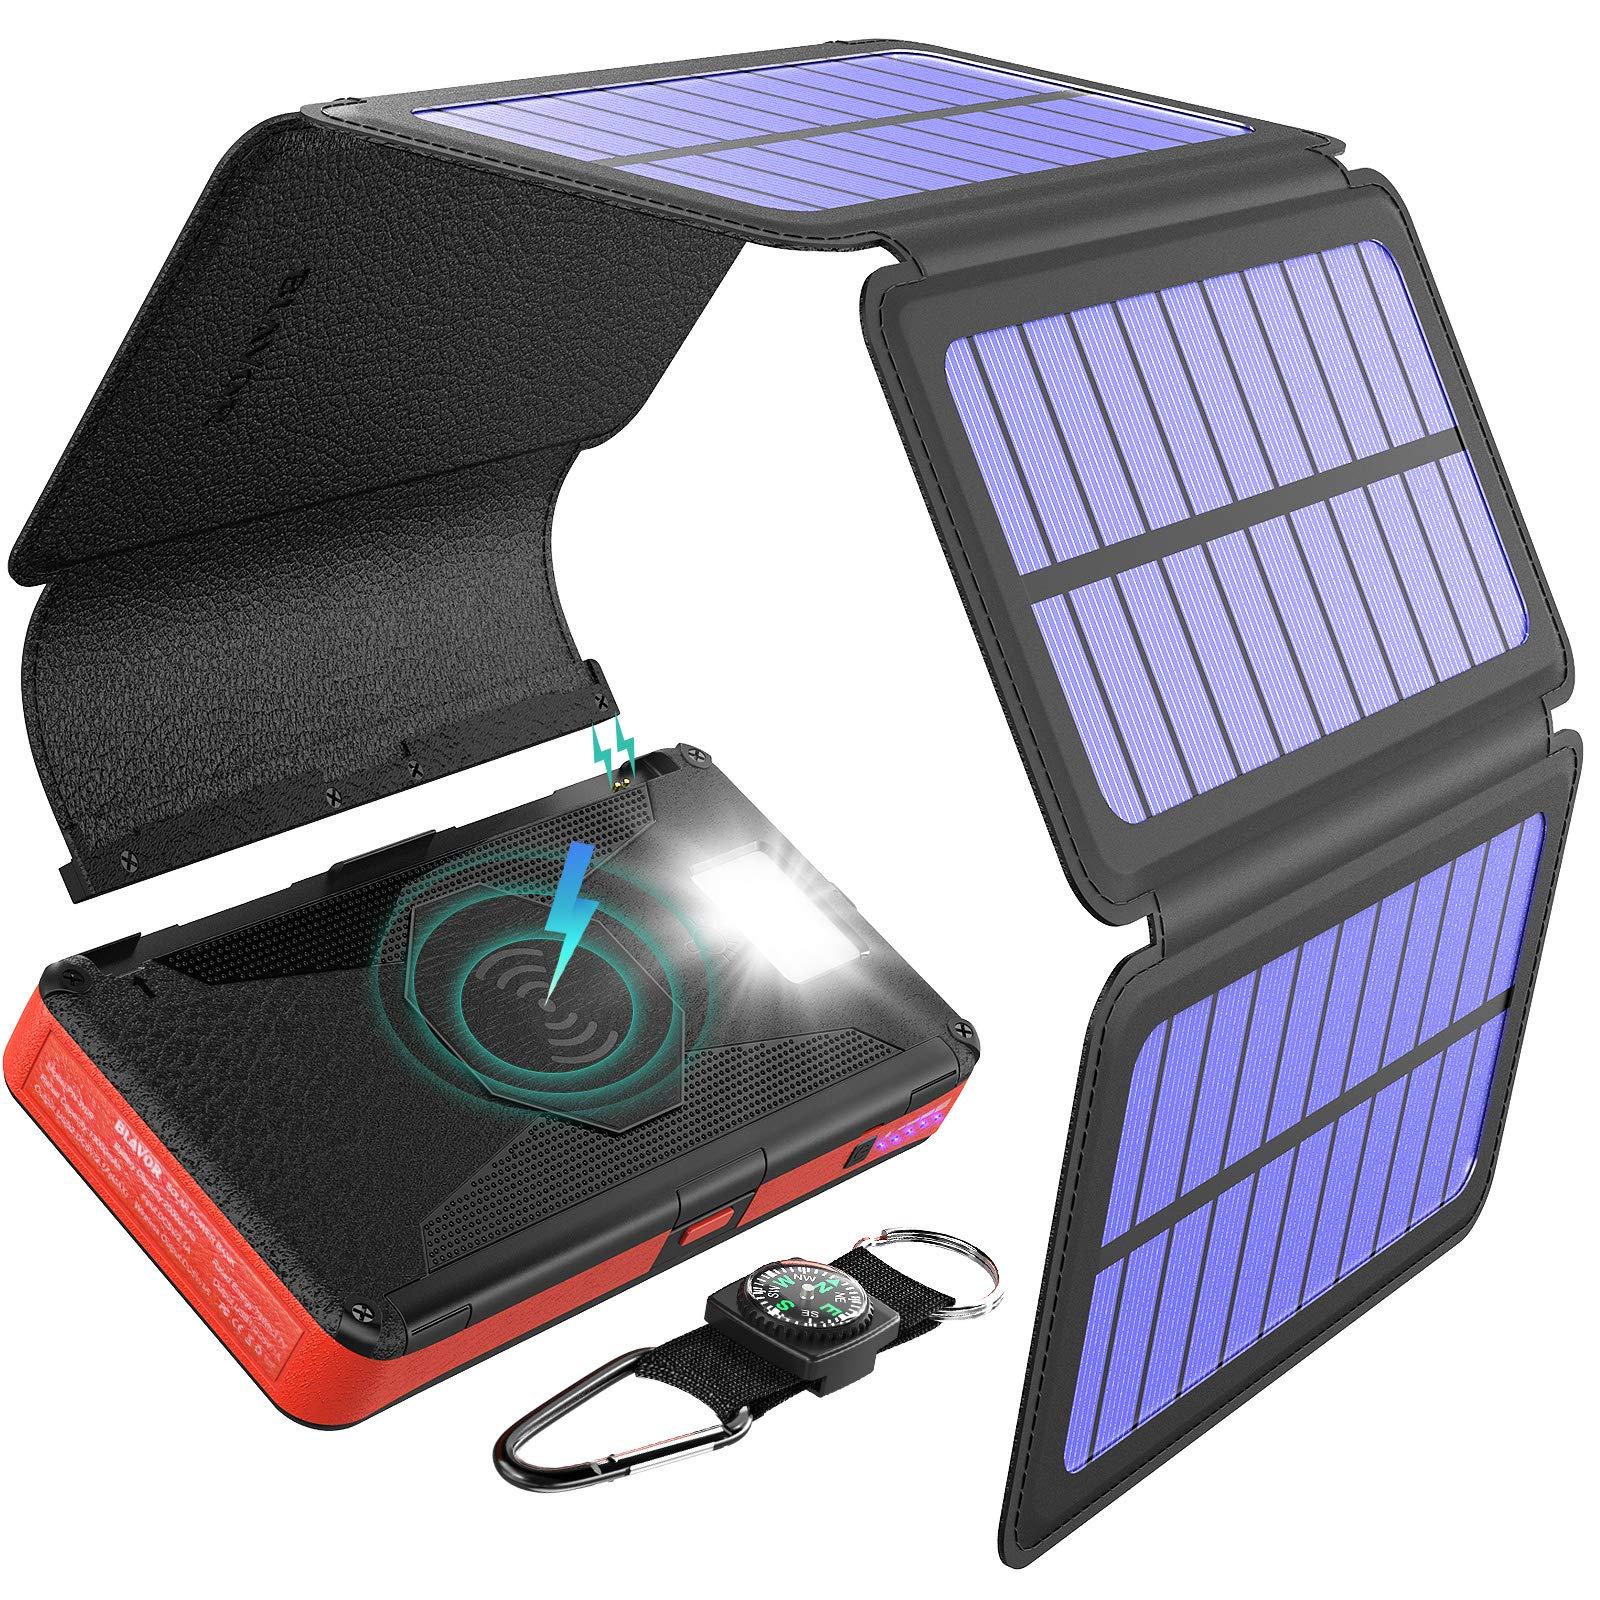 BLAVOR Cargador Solar Inalámbrico 20000mah, Batería Externa Banco de Energía Portátil 5 Paneles Solares Desmontable con Salida Doble Tipo C Entrada SOS Linterna para Android iPhone: Amazon.es: Electrónica